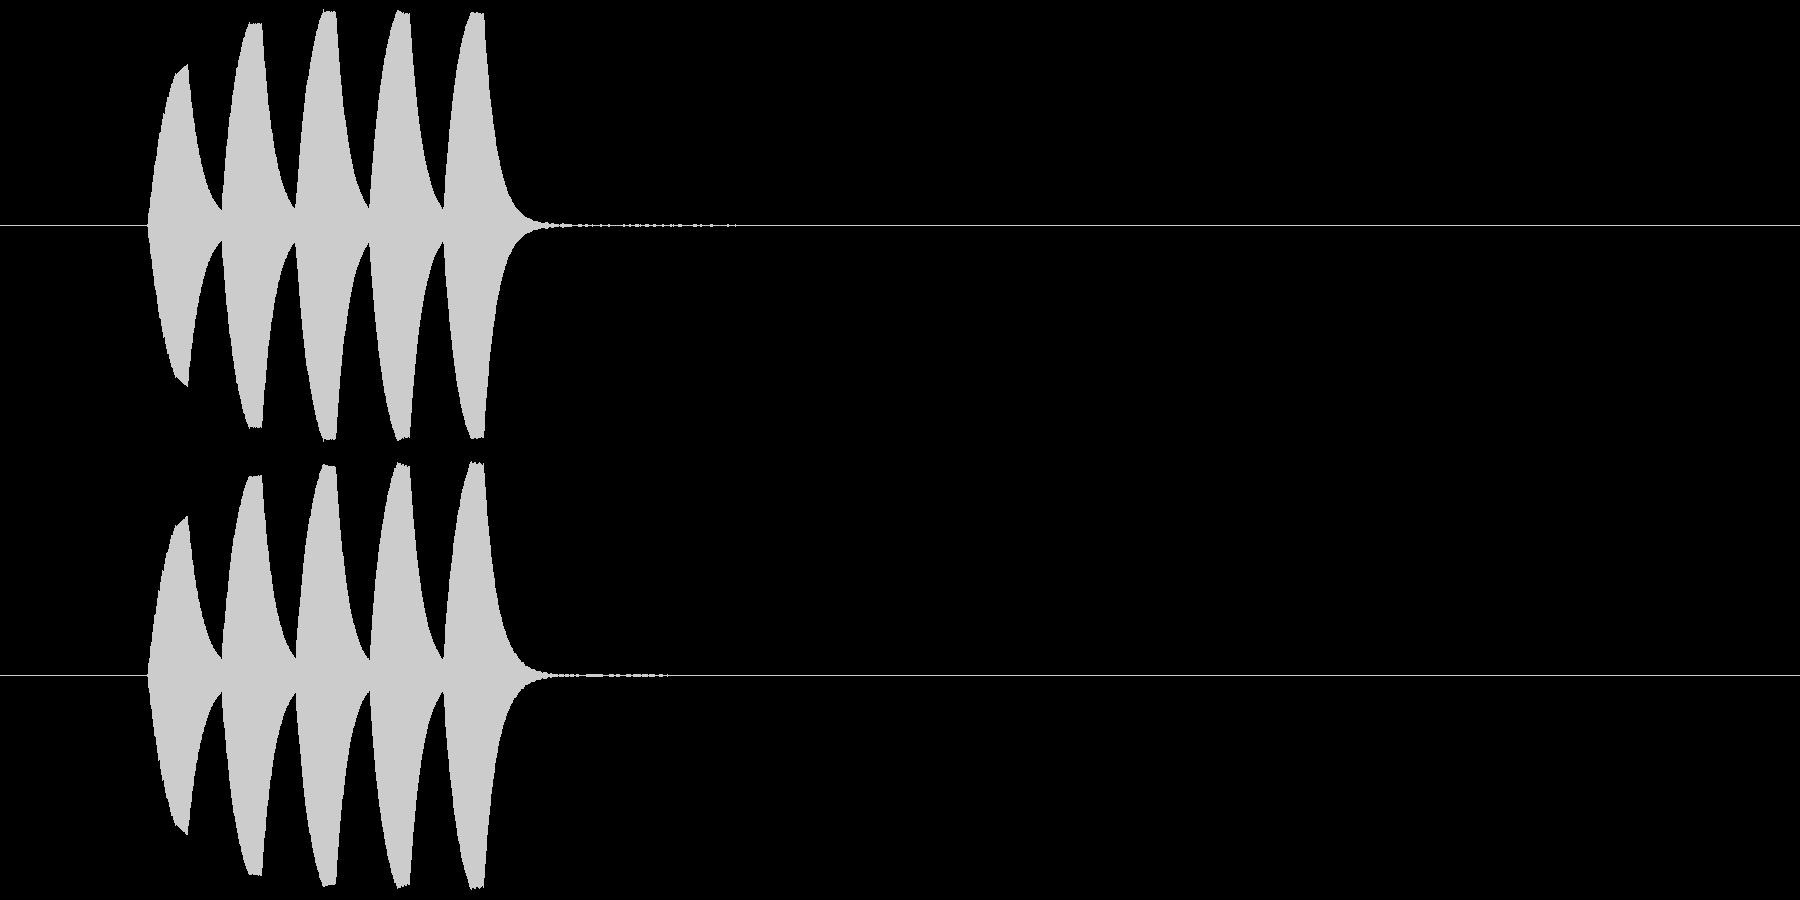 ピロリ②(クリア・お知らせ・場面転換)の未再生の波形